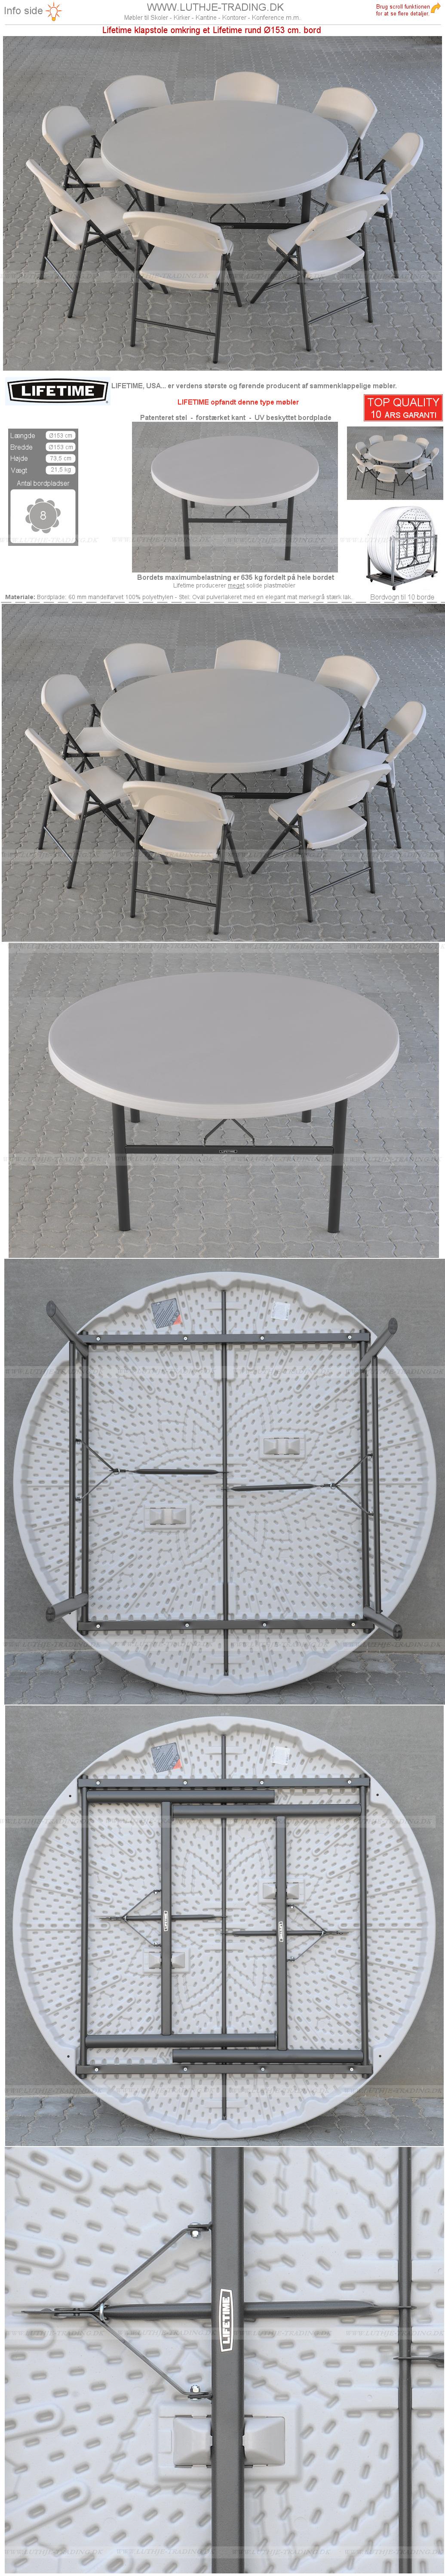 Plaststole med rund Ø153 cm bord